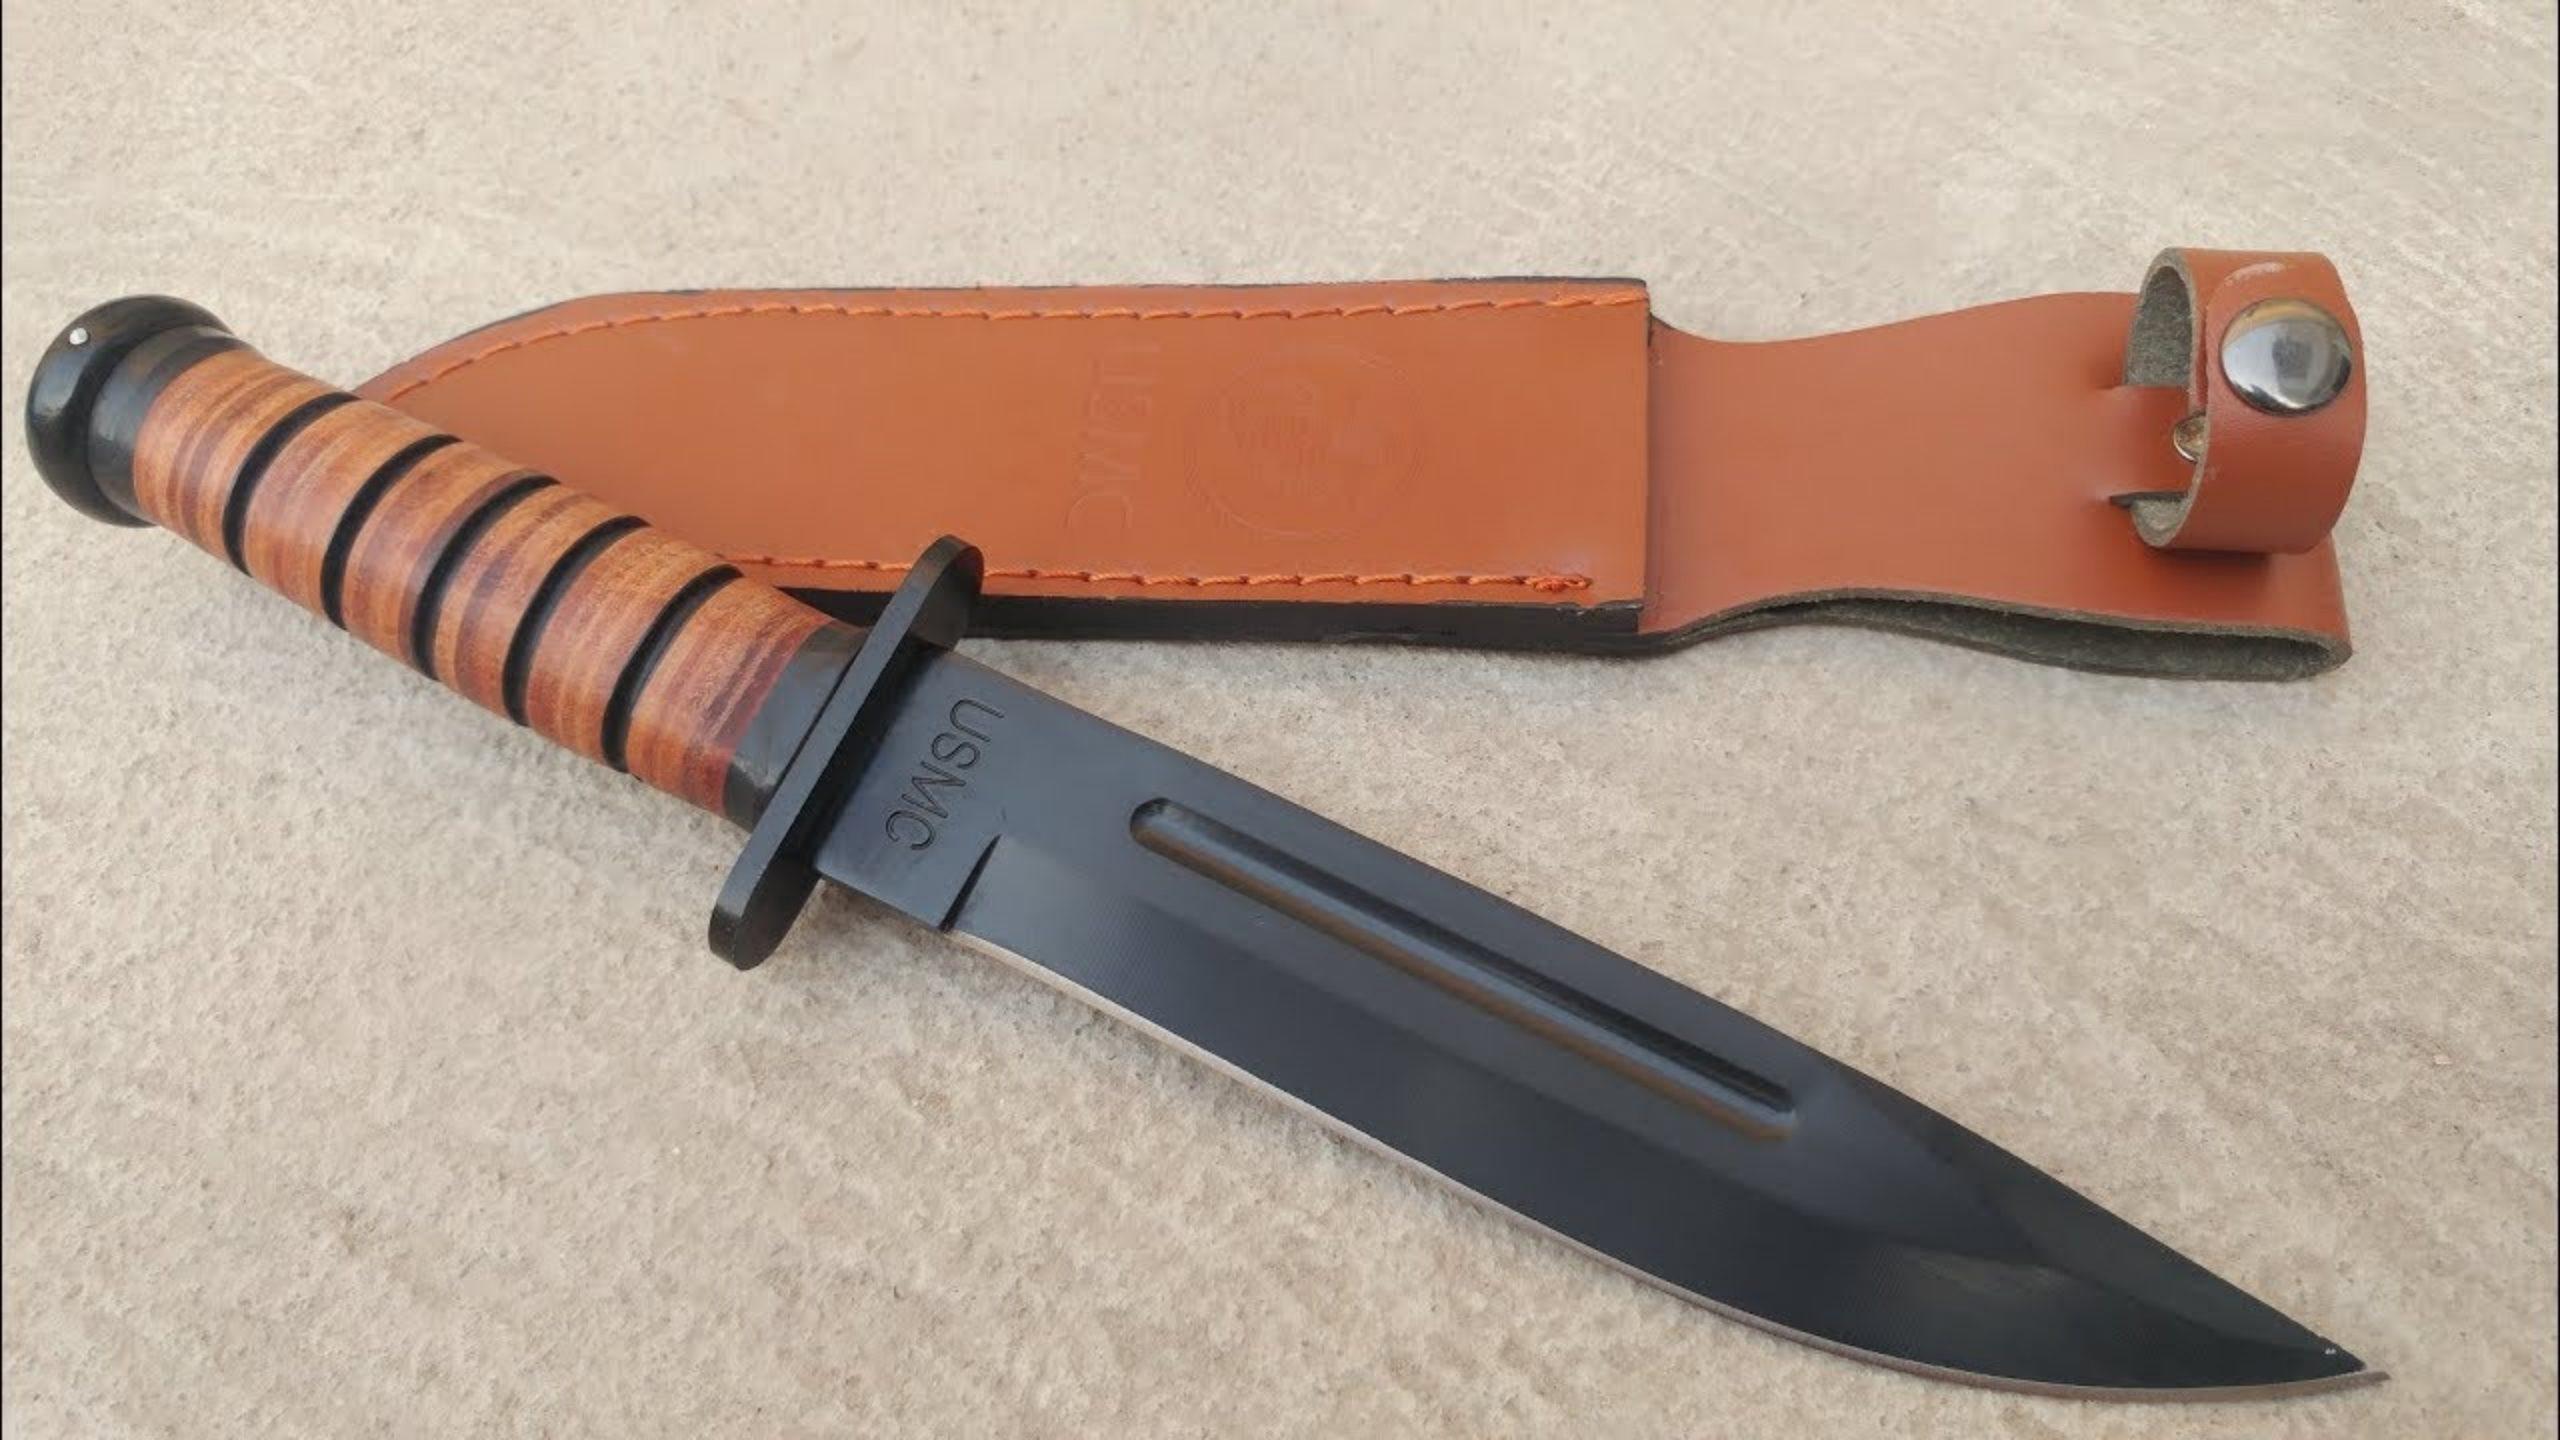 Dao găm được biết đến là một loại dao có mũi rất sắc nhọn và hai lưỡi sắc bén